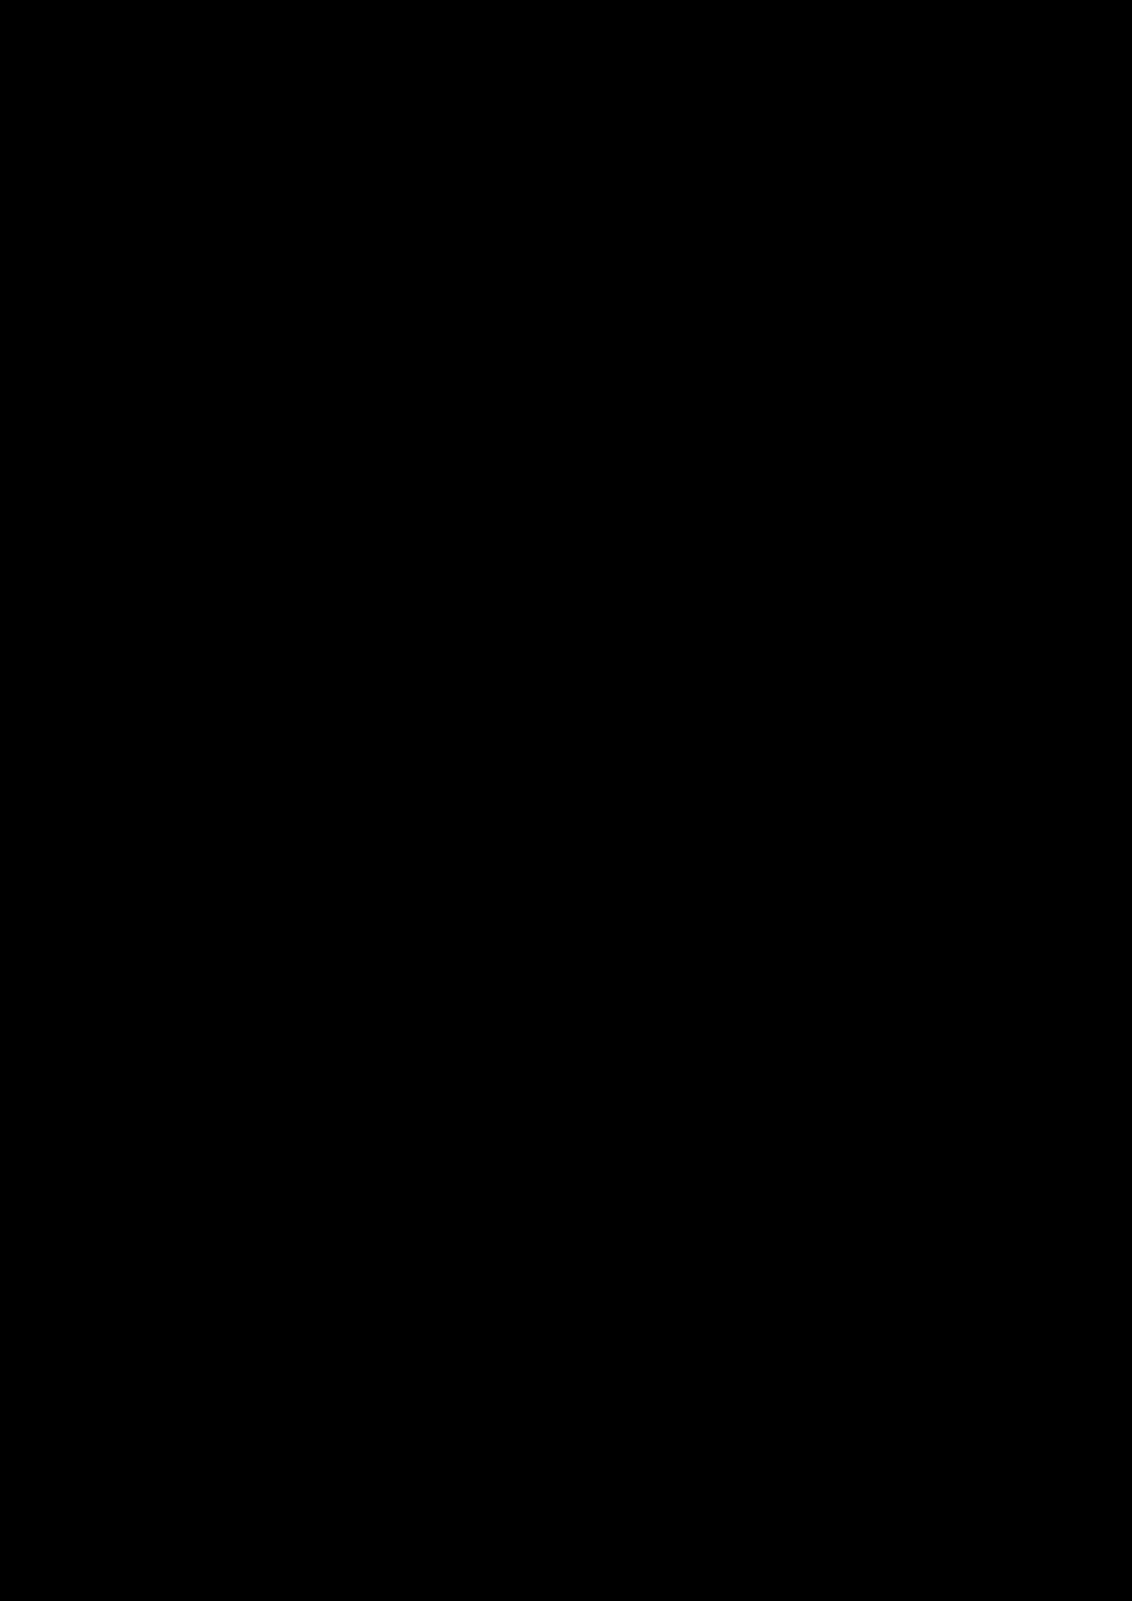 Vyibor Est slide, Image 46